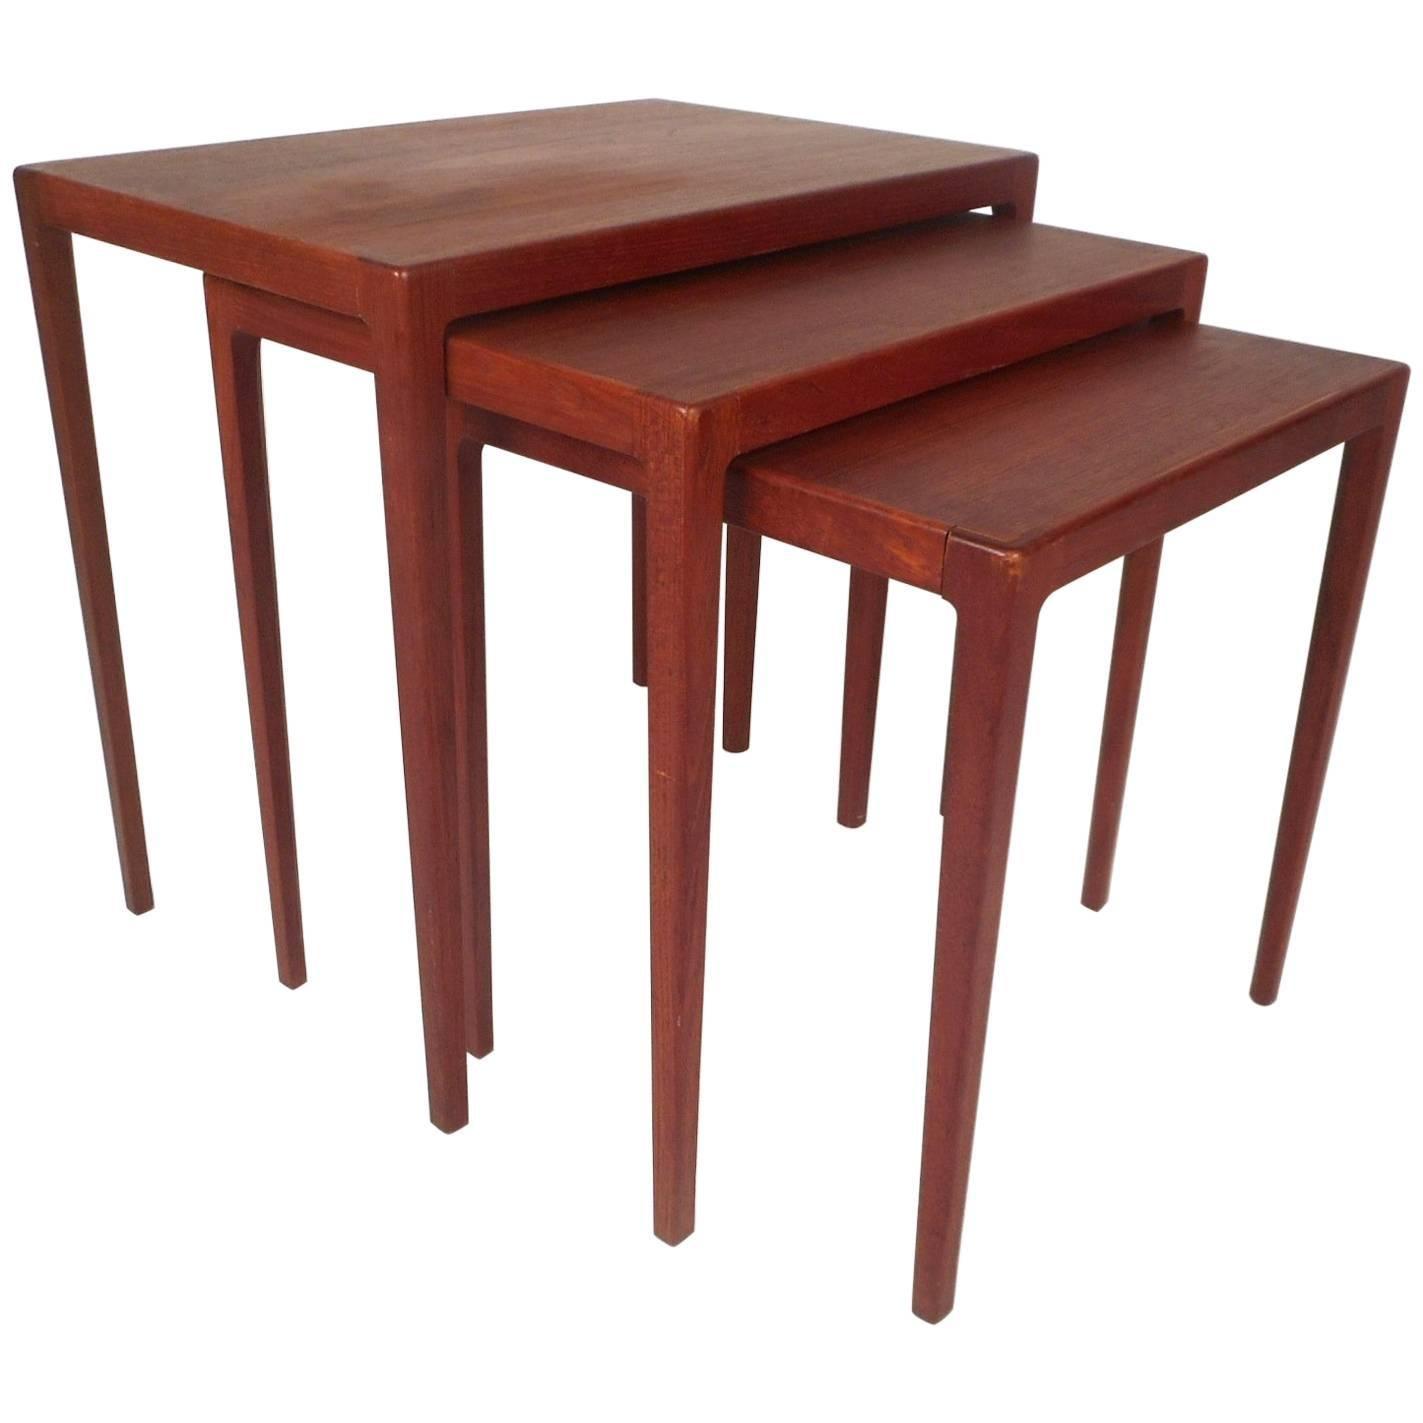 Elegant Set Of Three Mid Century Modern Danish Teak Nesting Tables By Ludvig  Pontoppidan For Sale